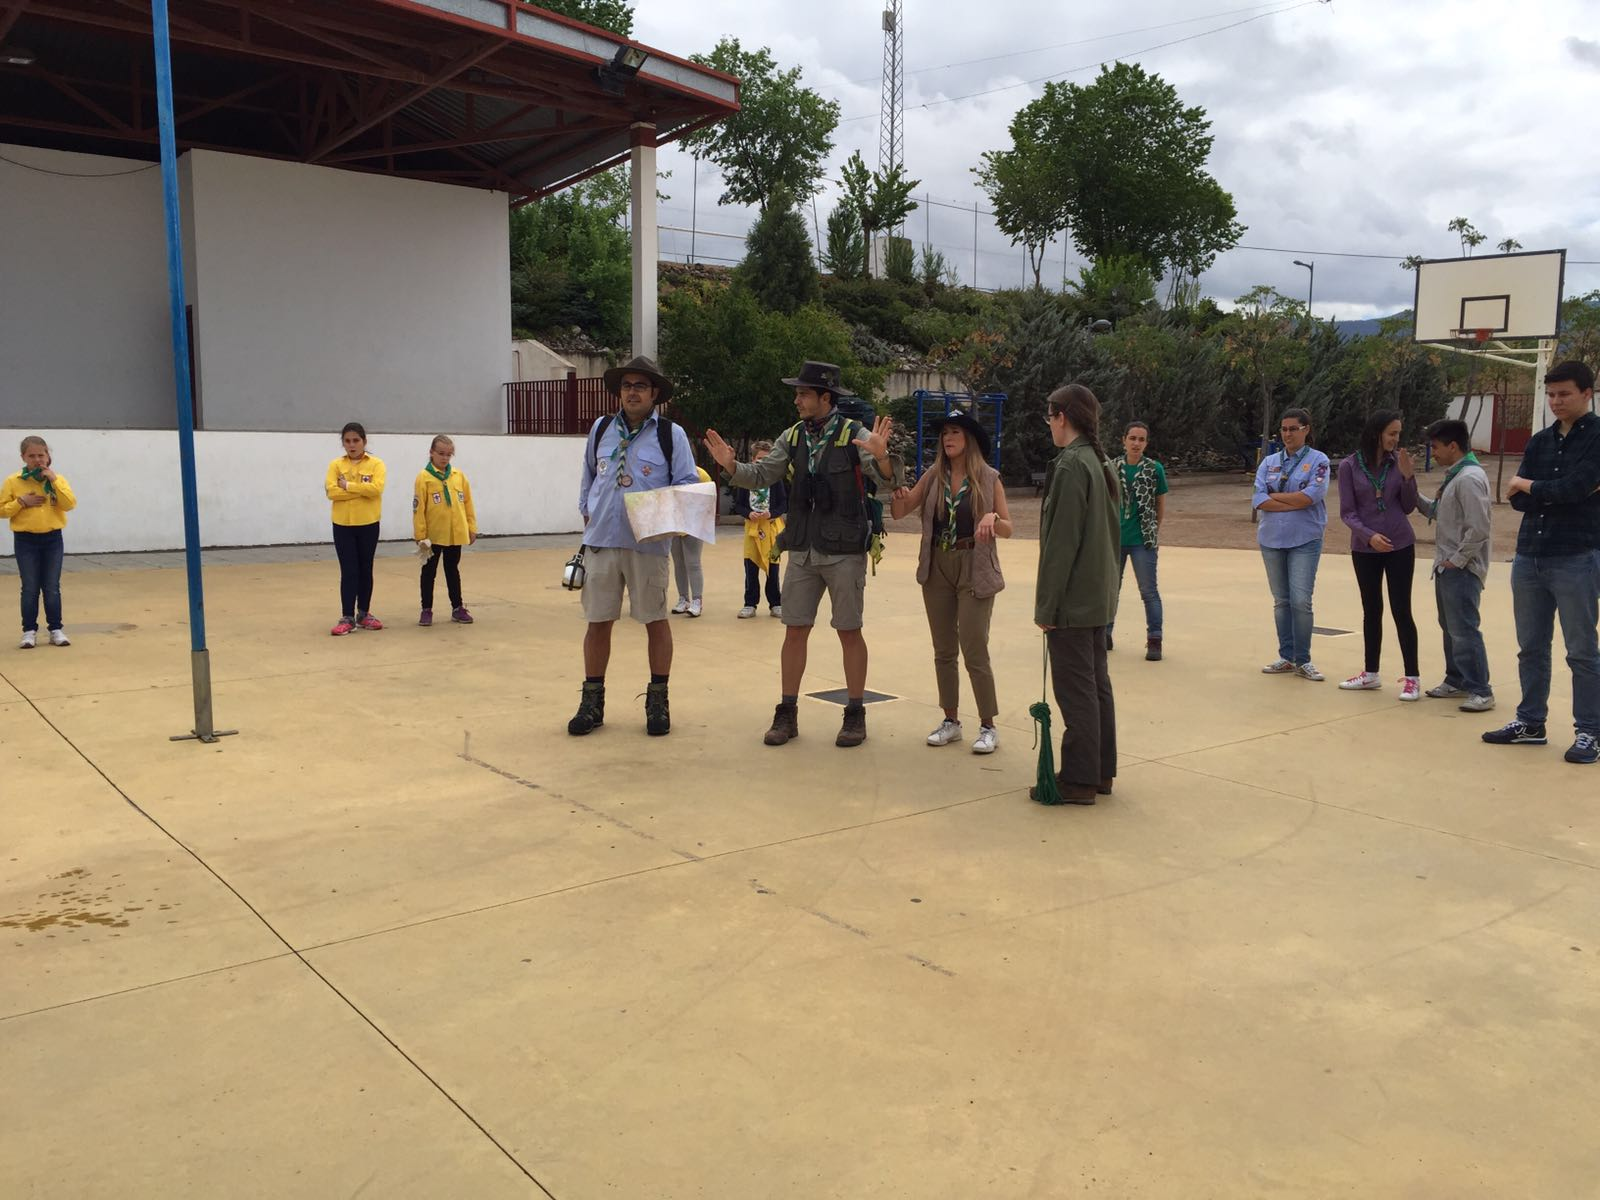 Grupo - Gójar 4 - 15-16